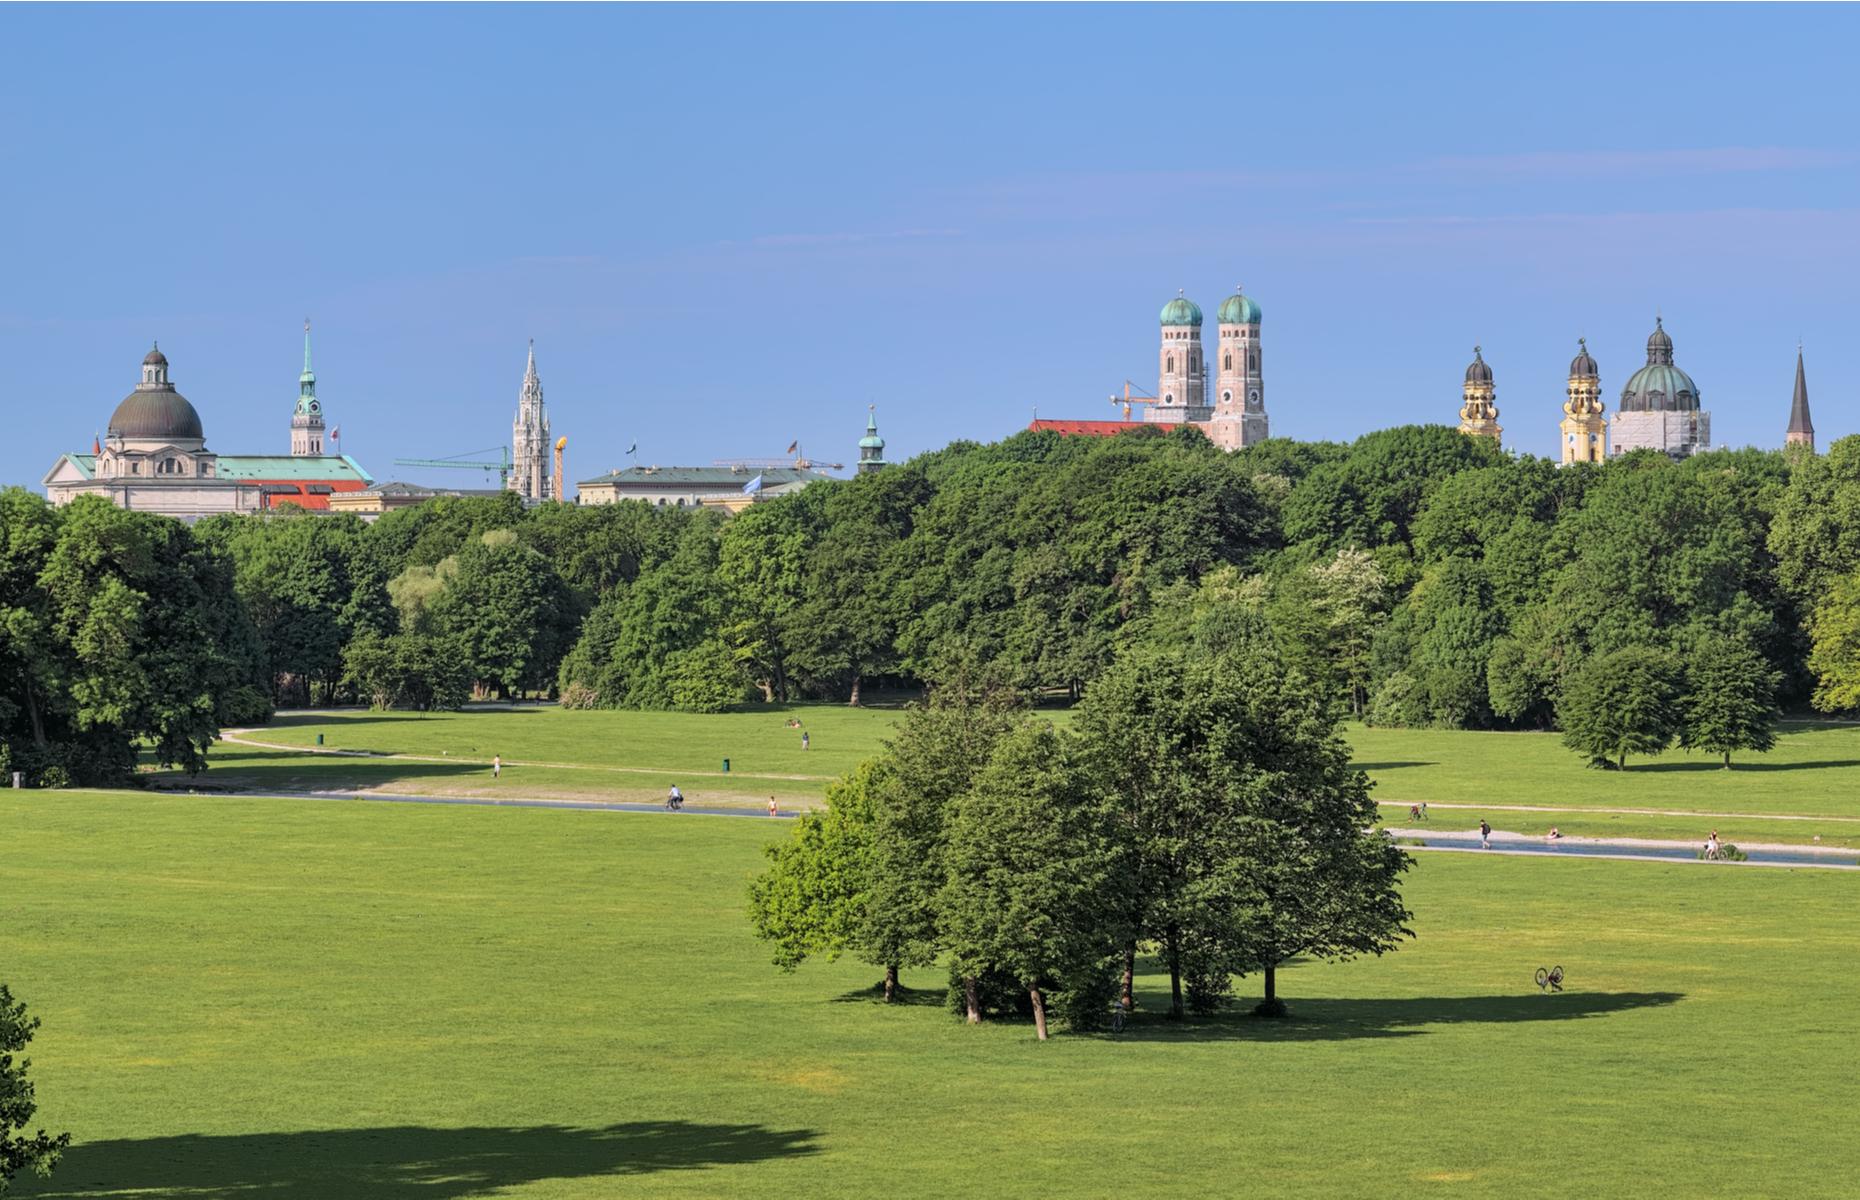 Munich English Garden